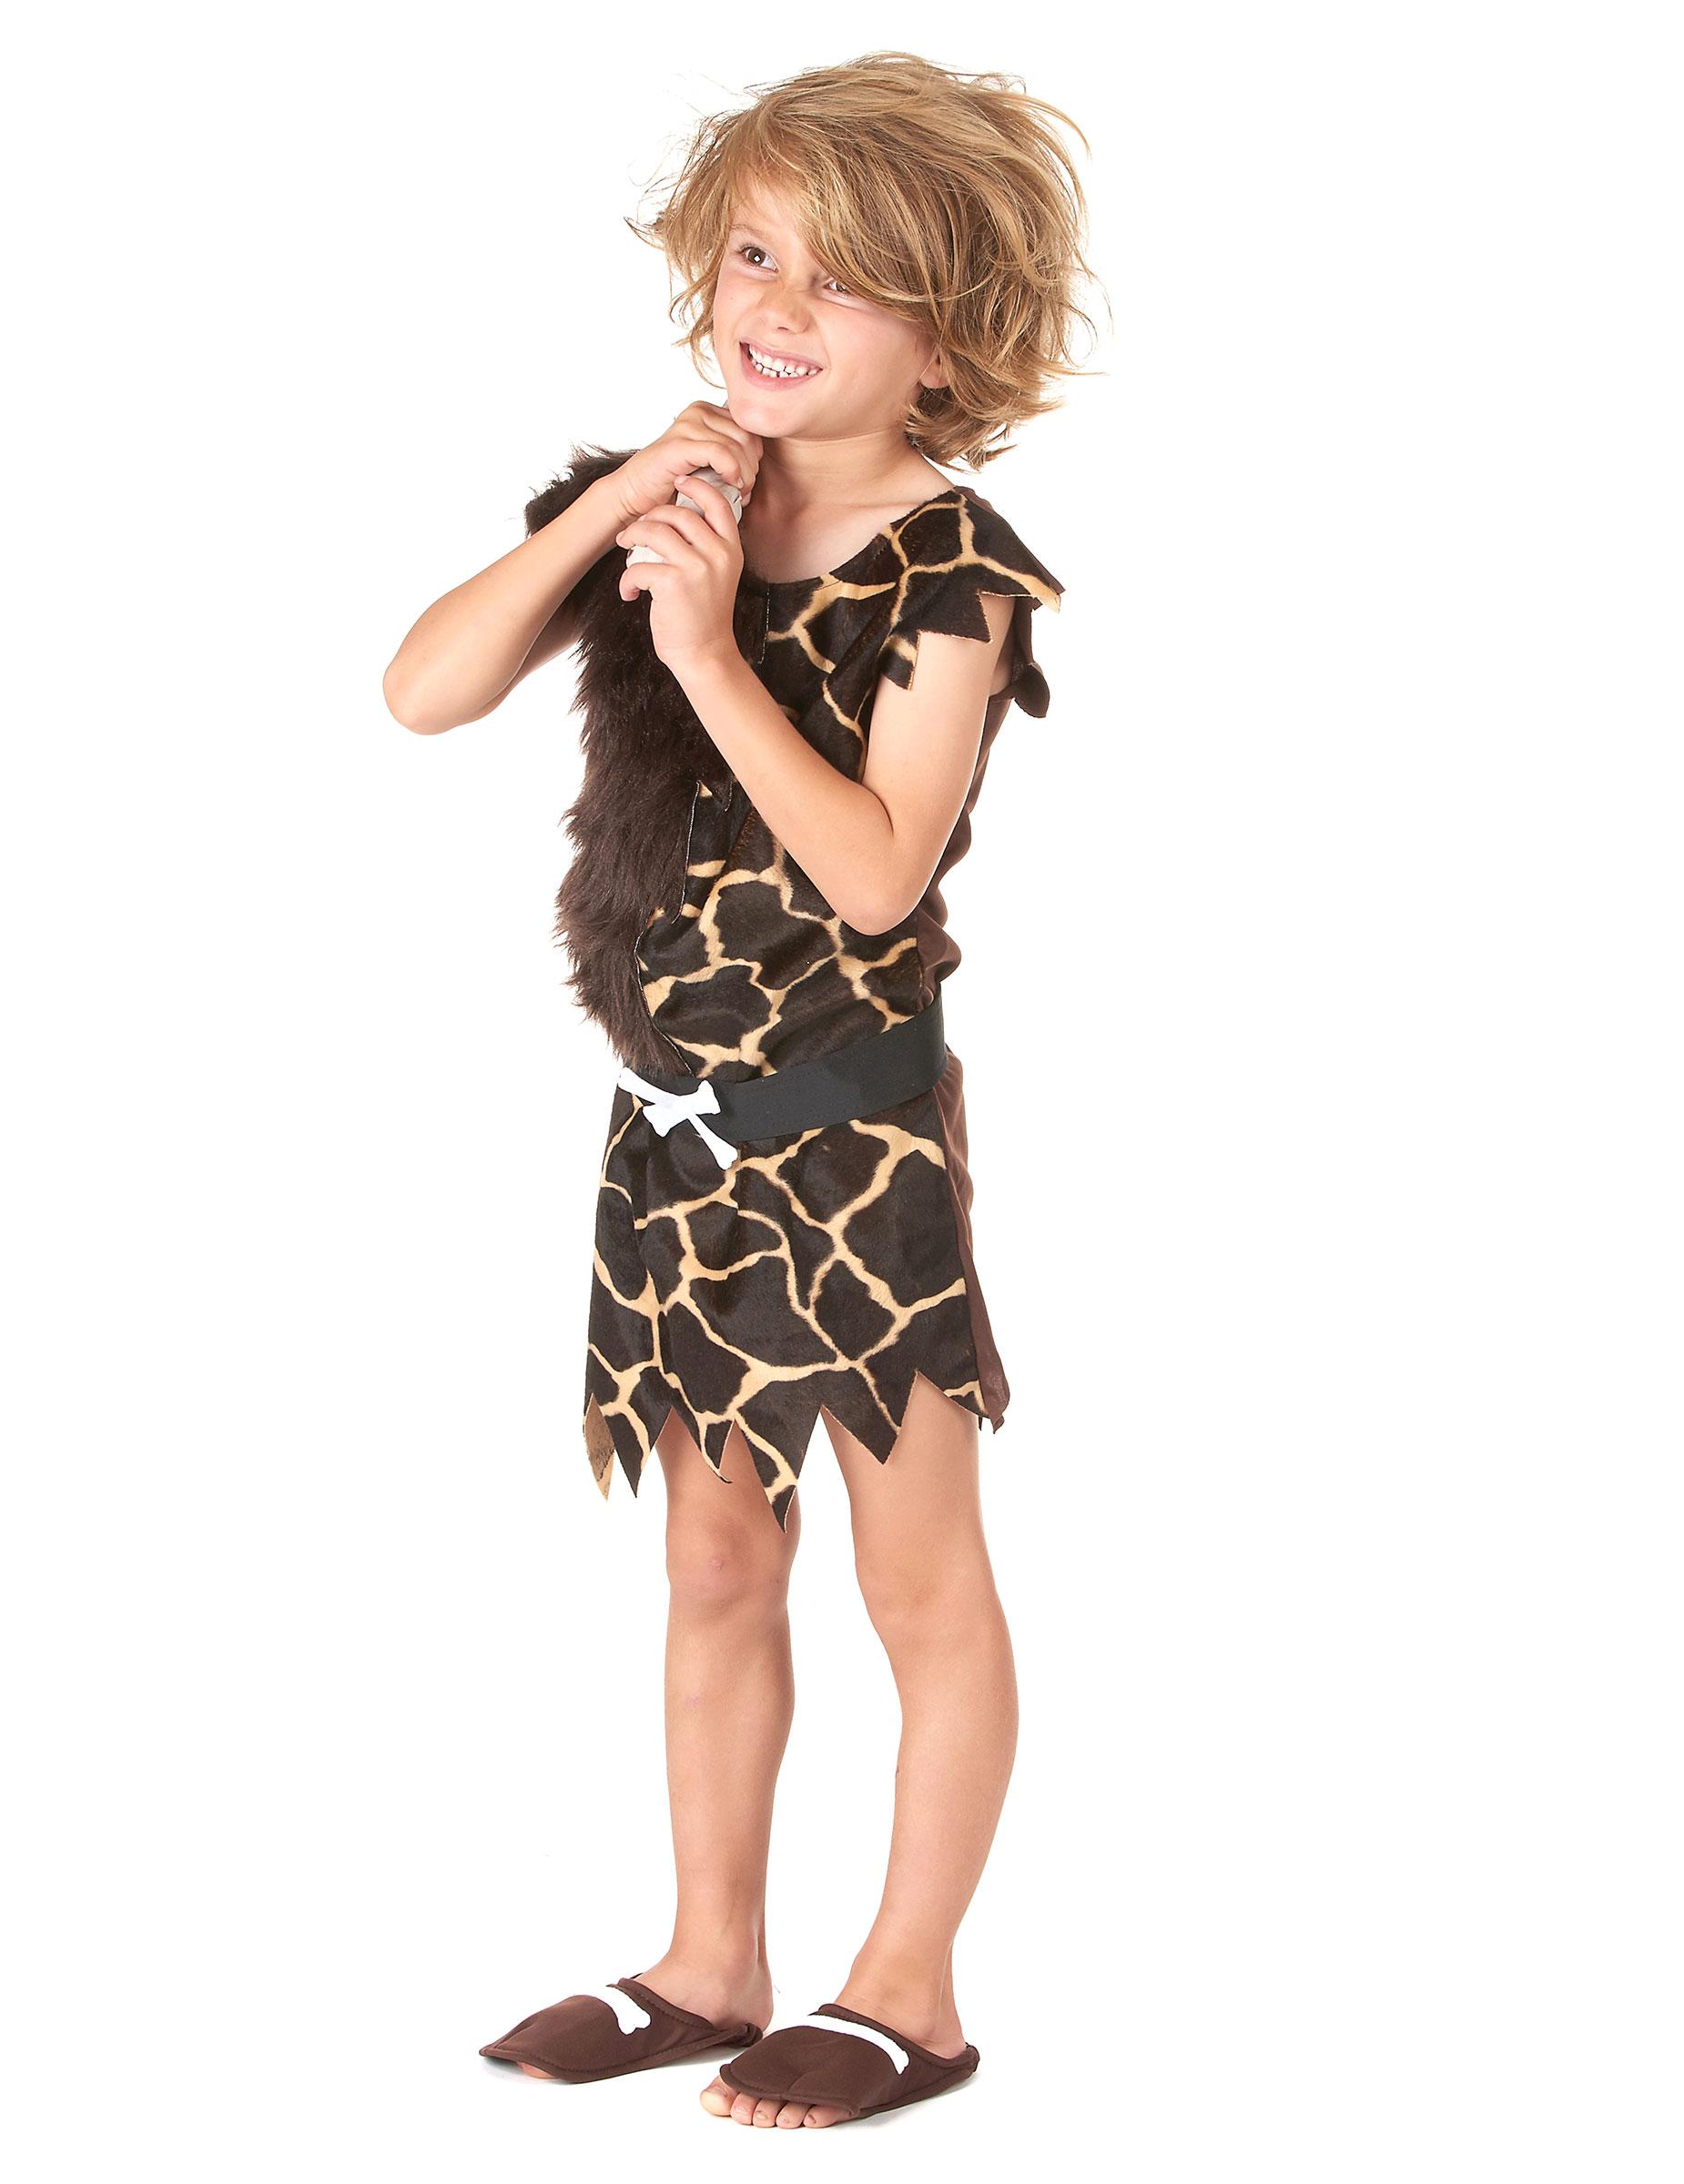 251c288dc62a2 Costume da cavernicolo per bambino  Costumi bambini